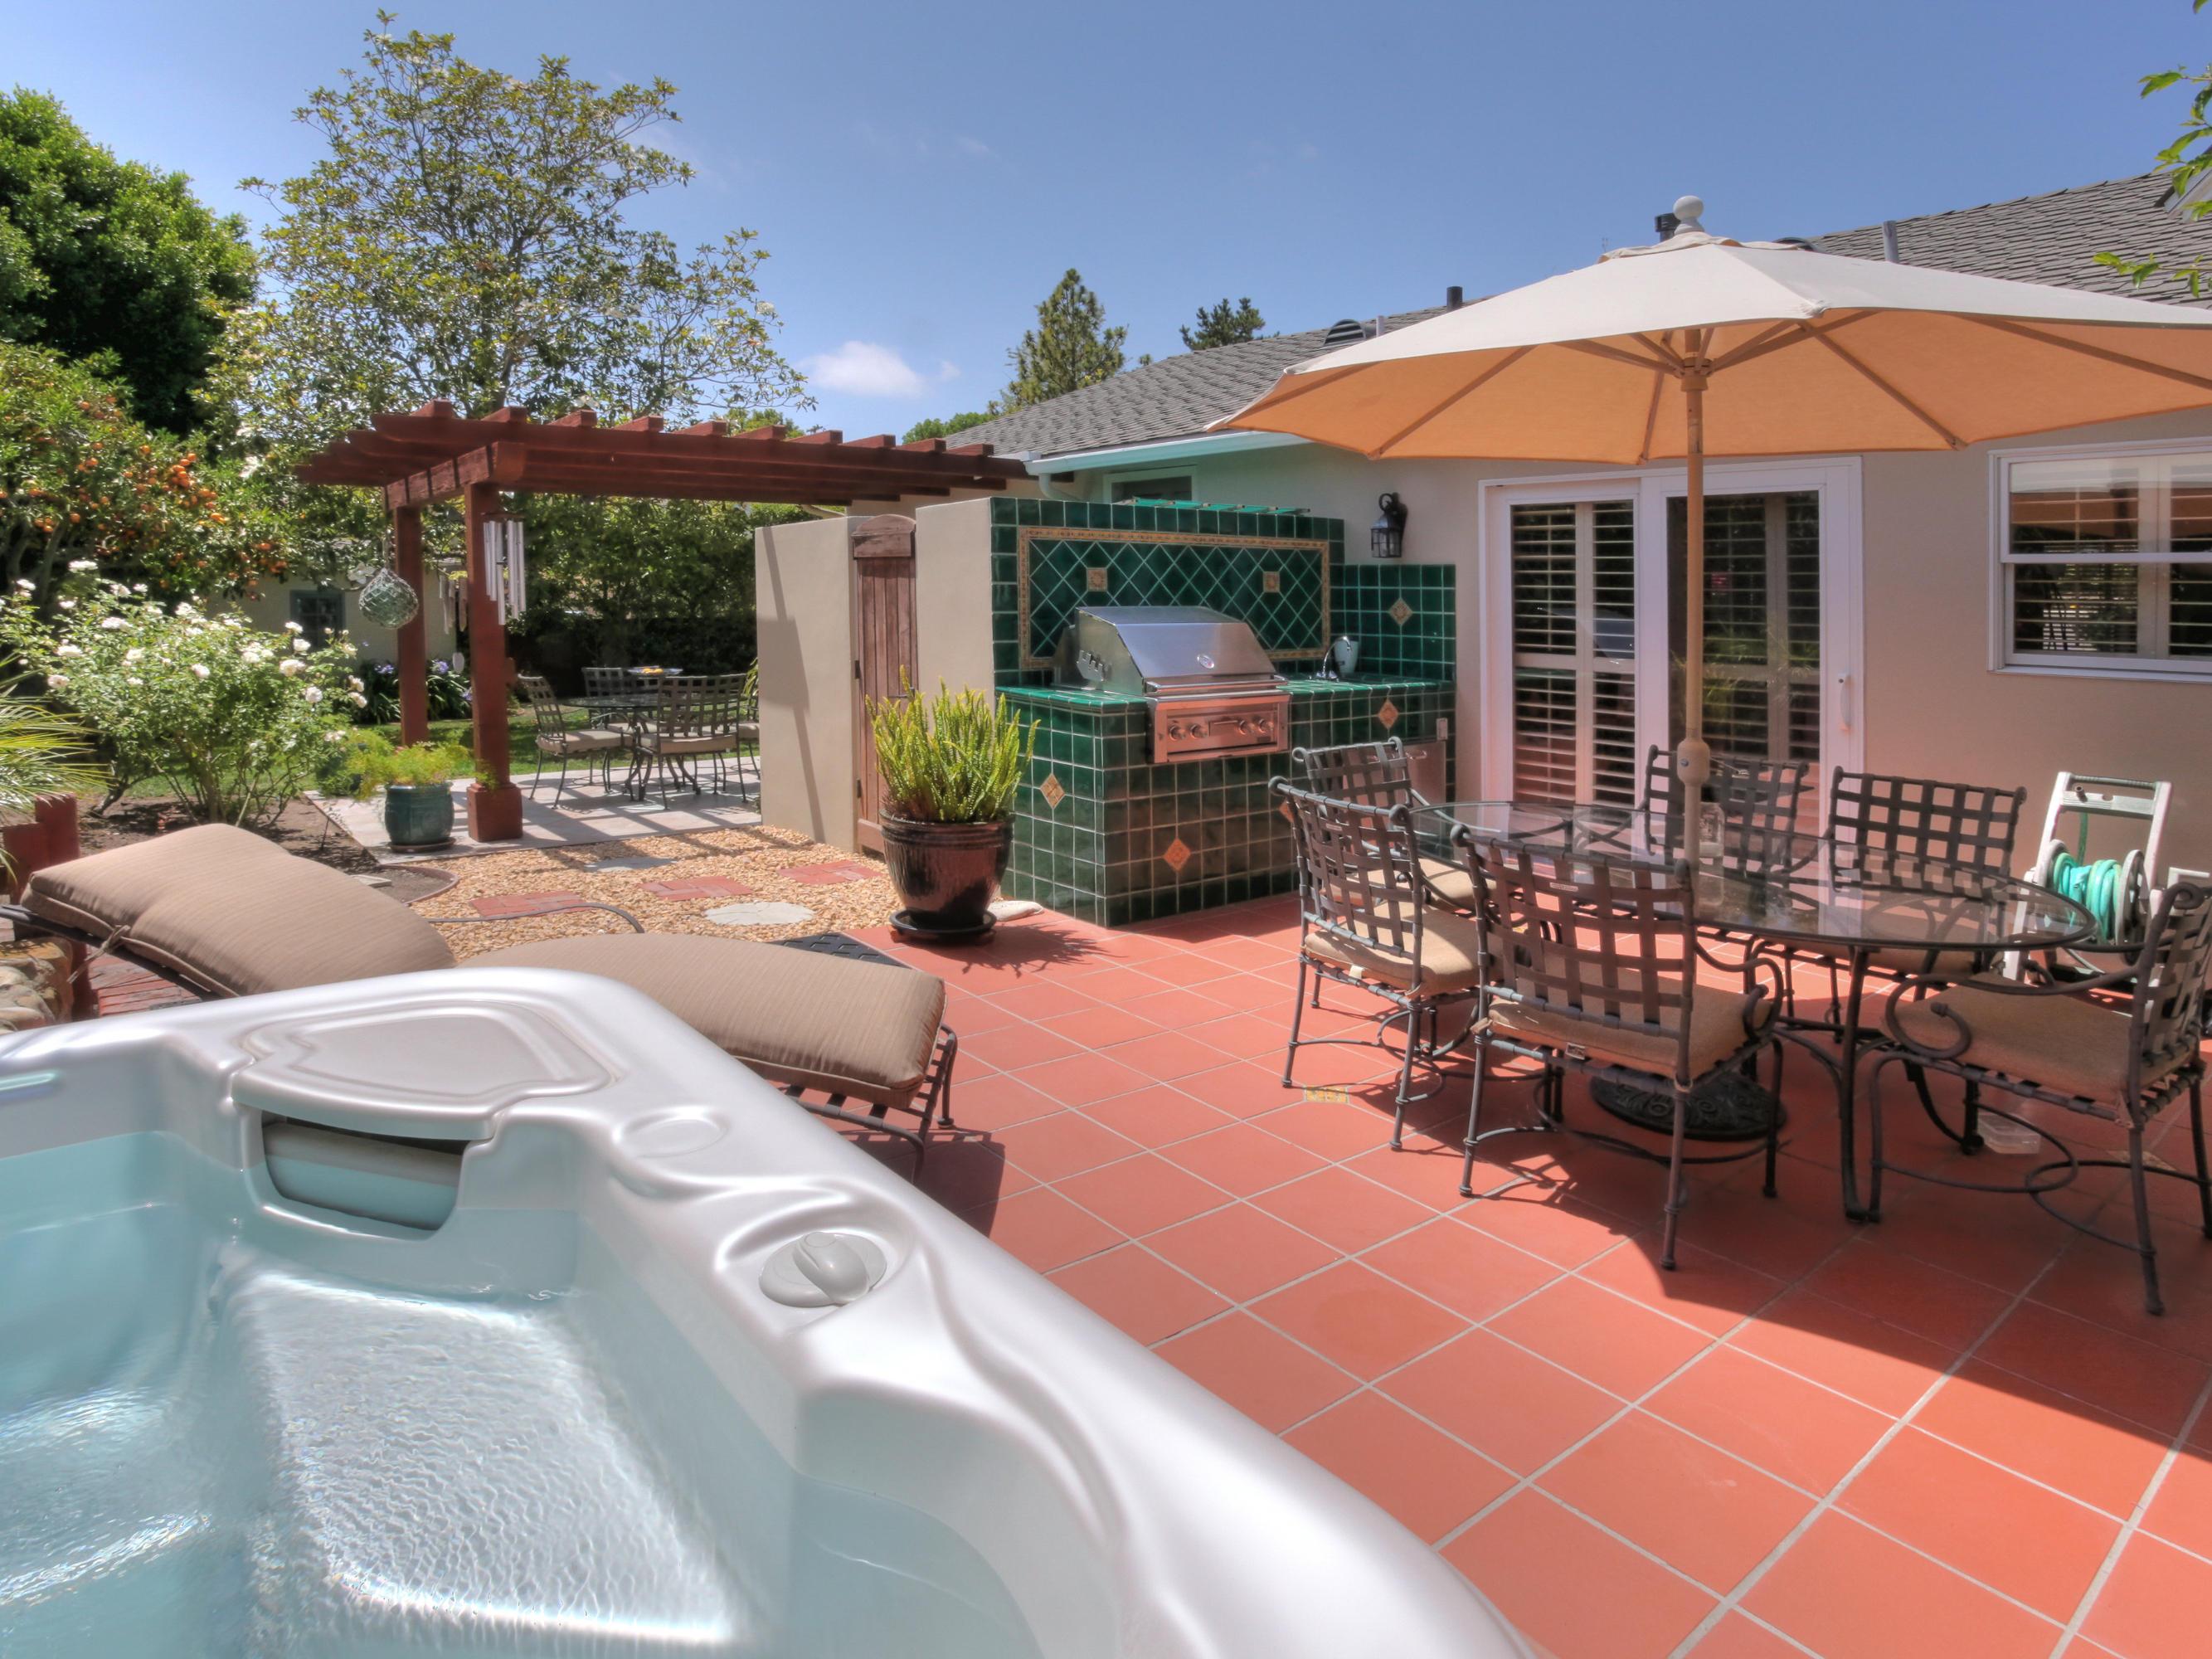 Property photo for 316 Vista De La Cumbre Santa Barbara, California 93105 - 14-2086